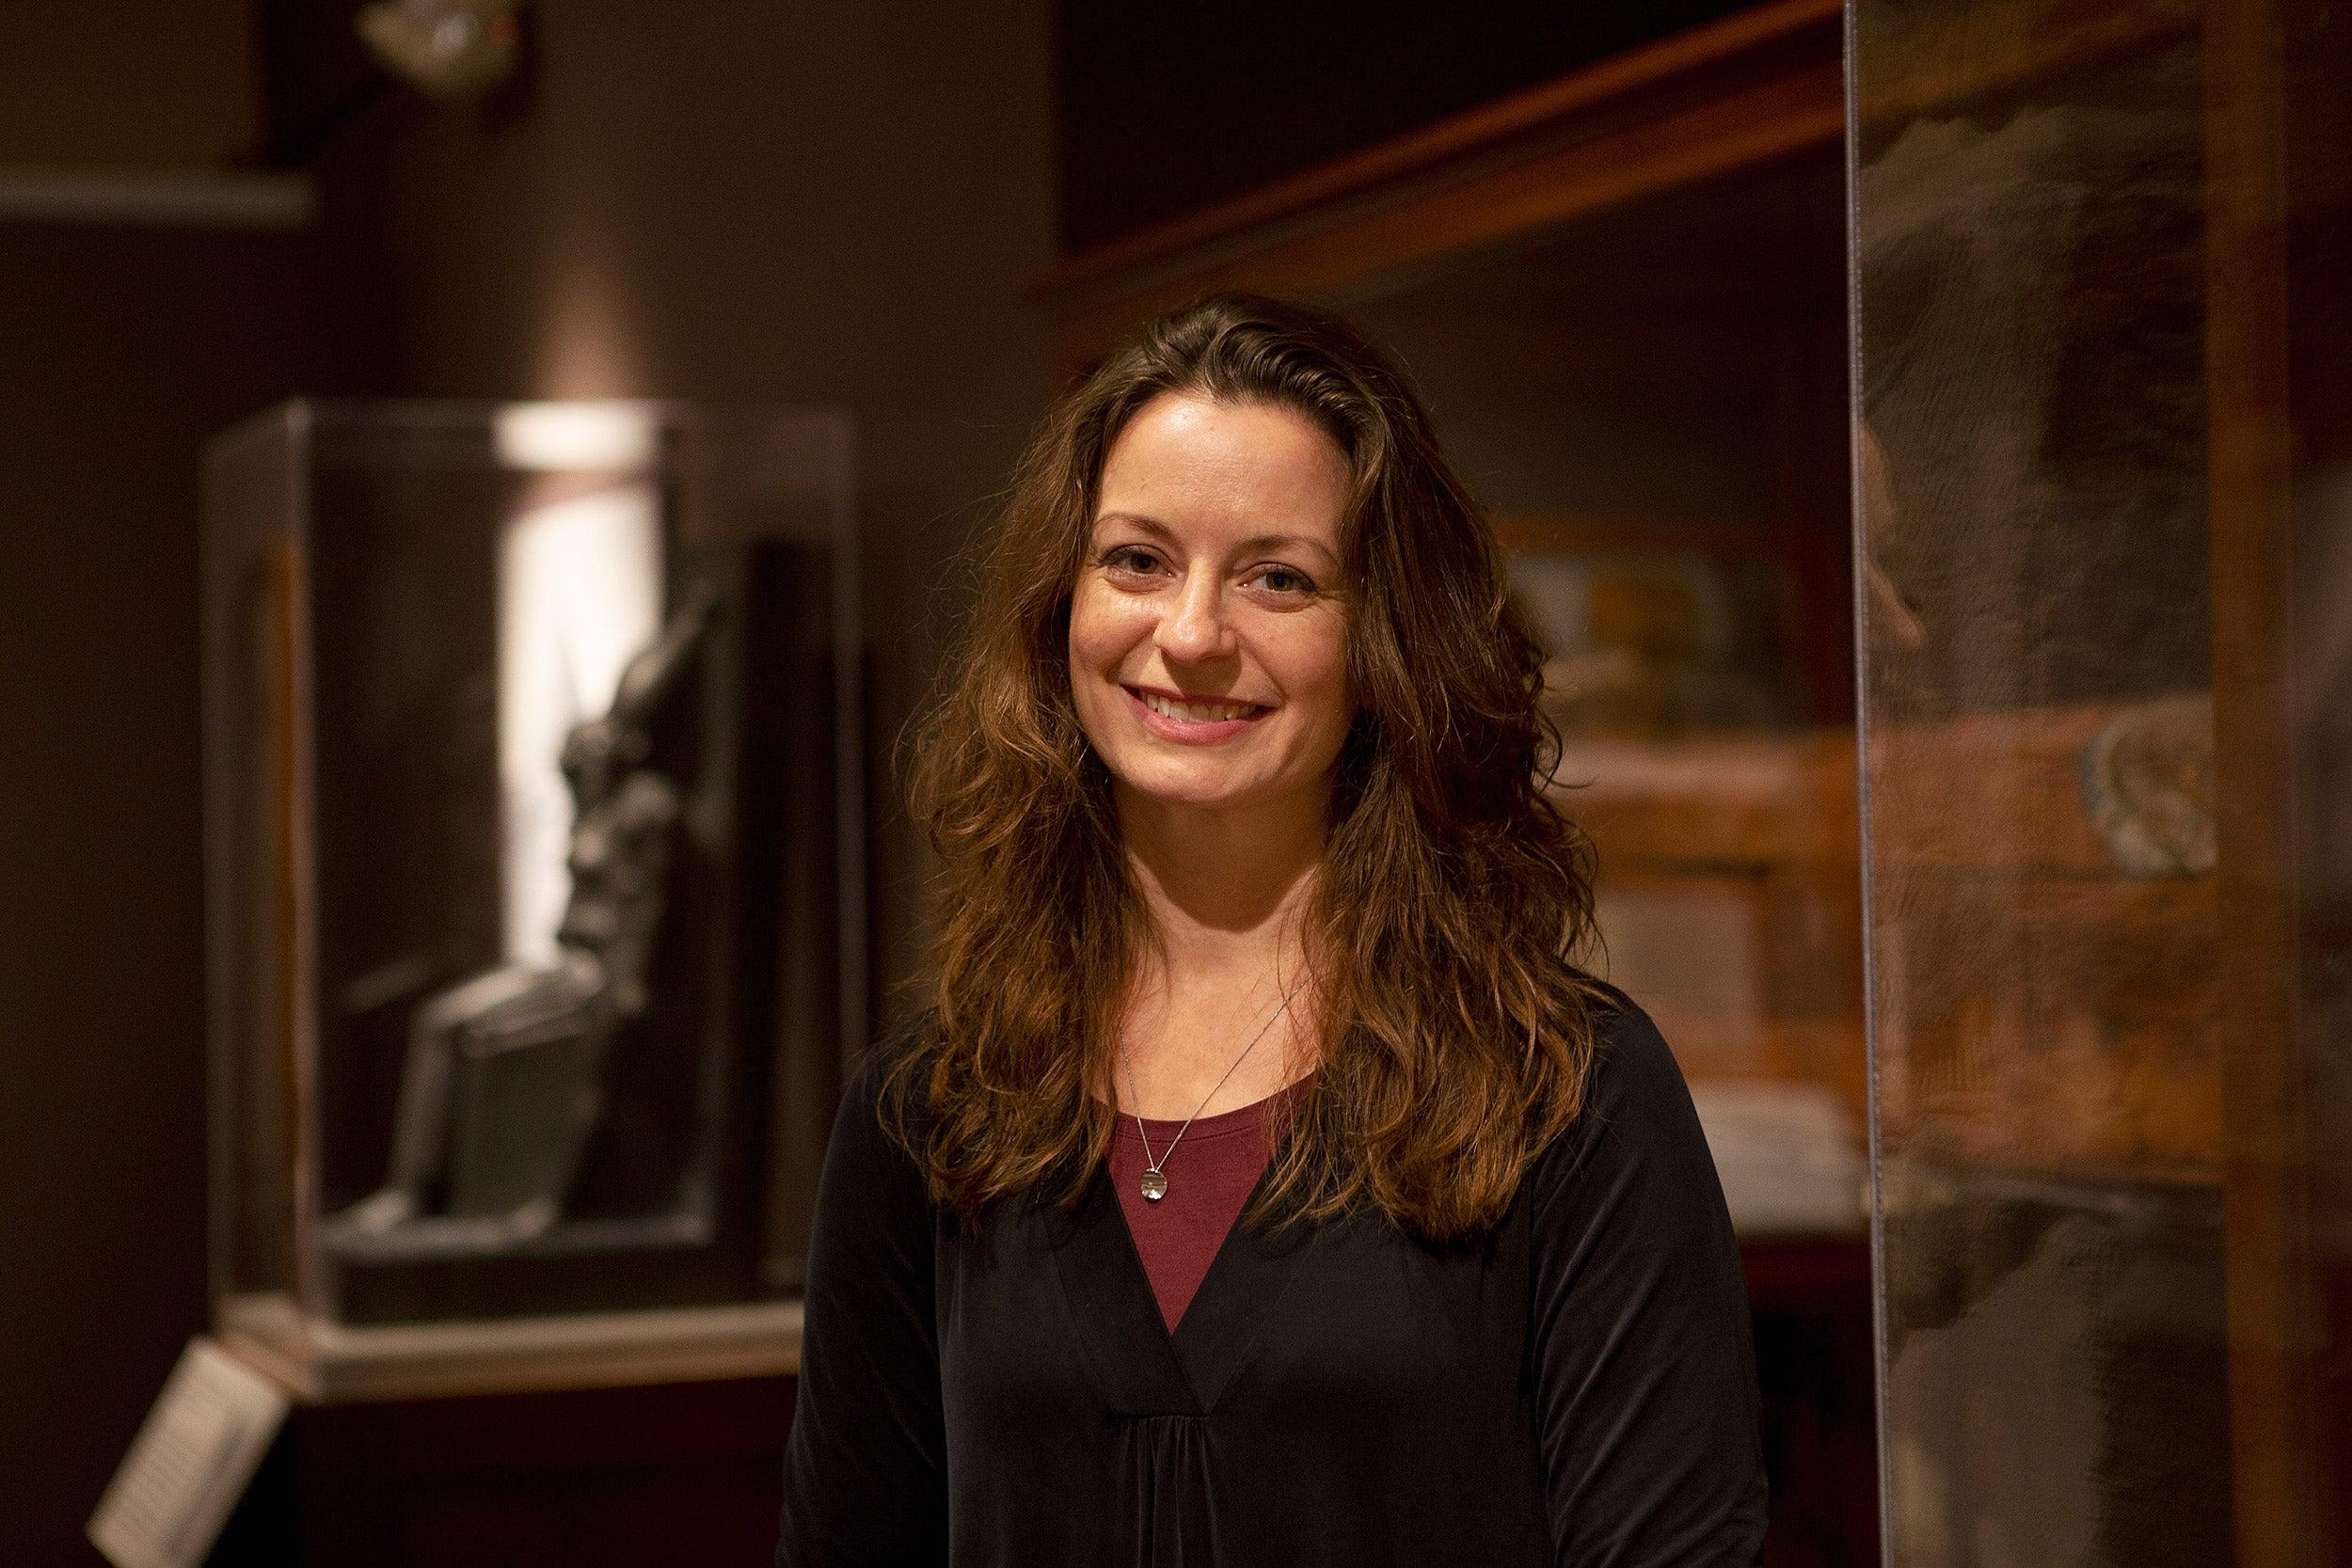 Christina Riggs at Harvard's Semitic Museum.